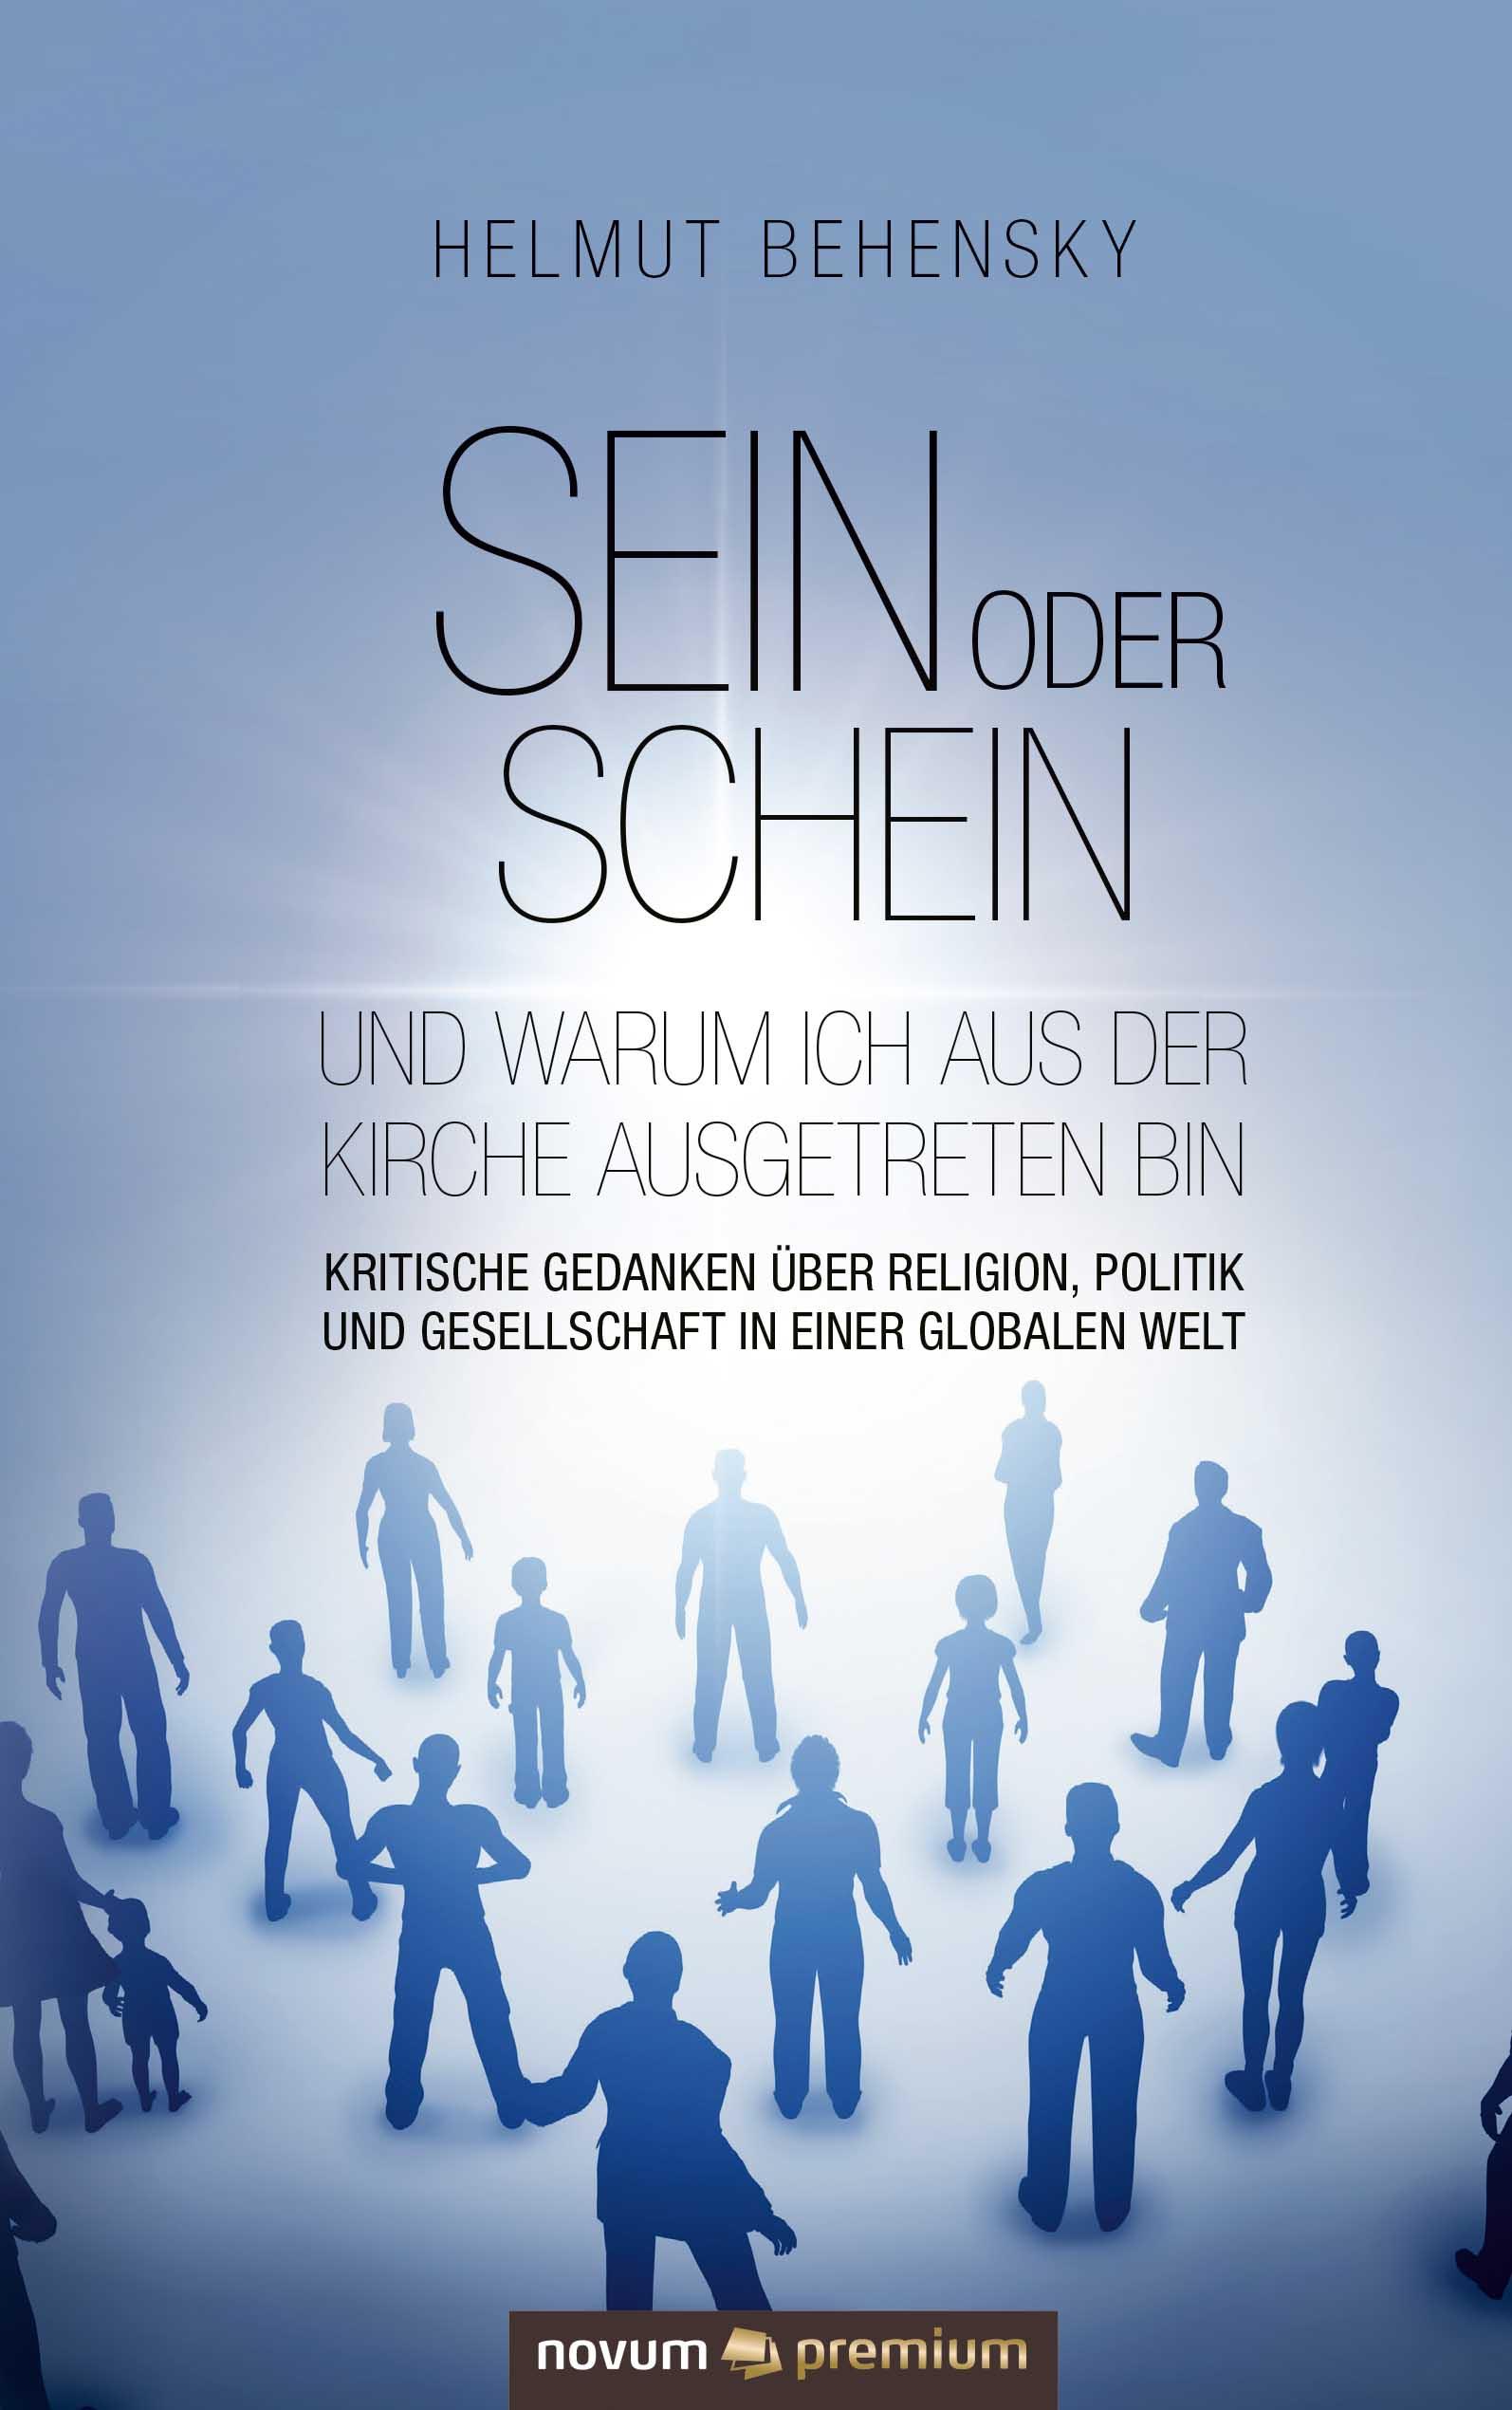 Helmut Behensky Sein oder Schein und warum ich aus der Kirche ausgetreten bin